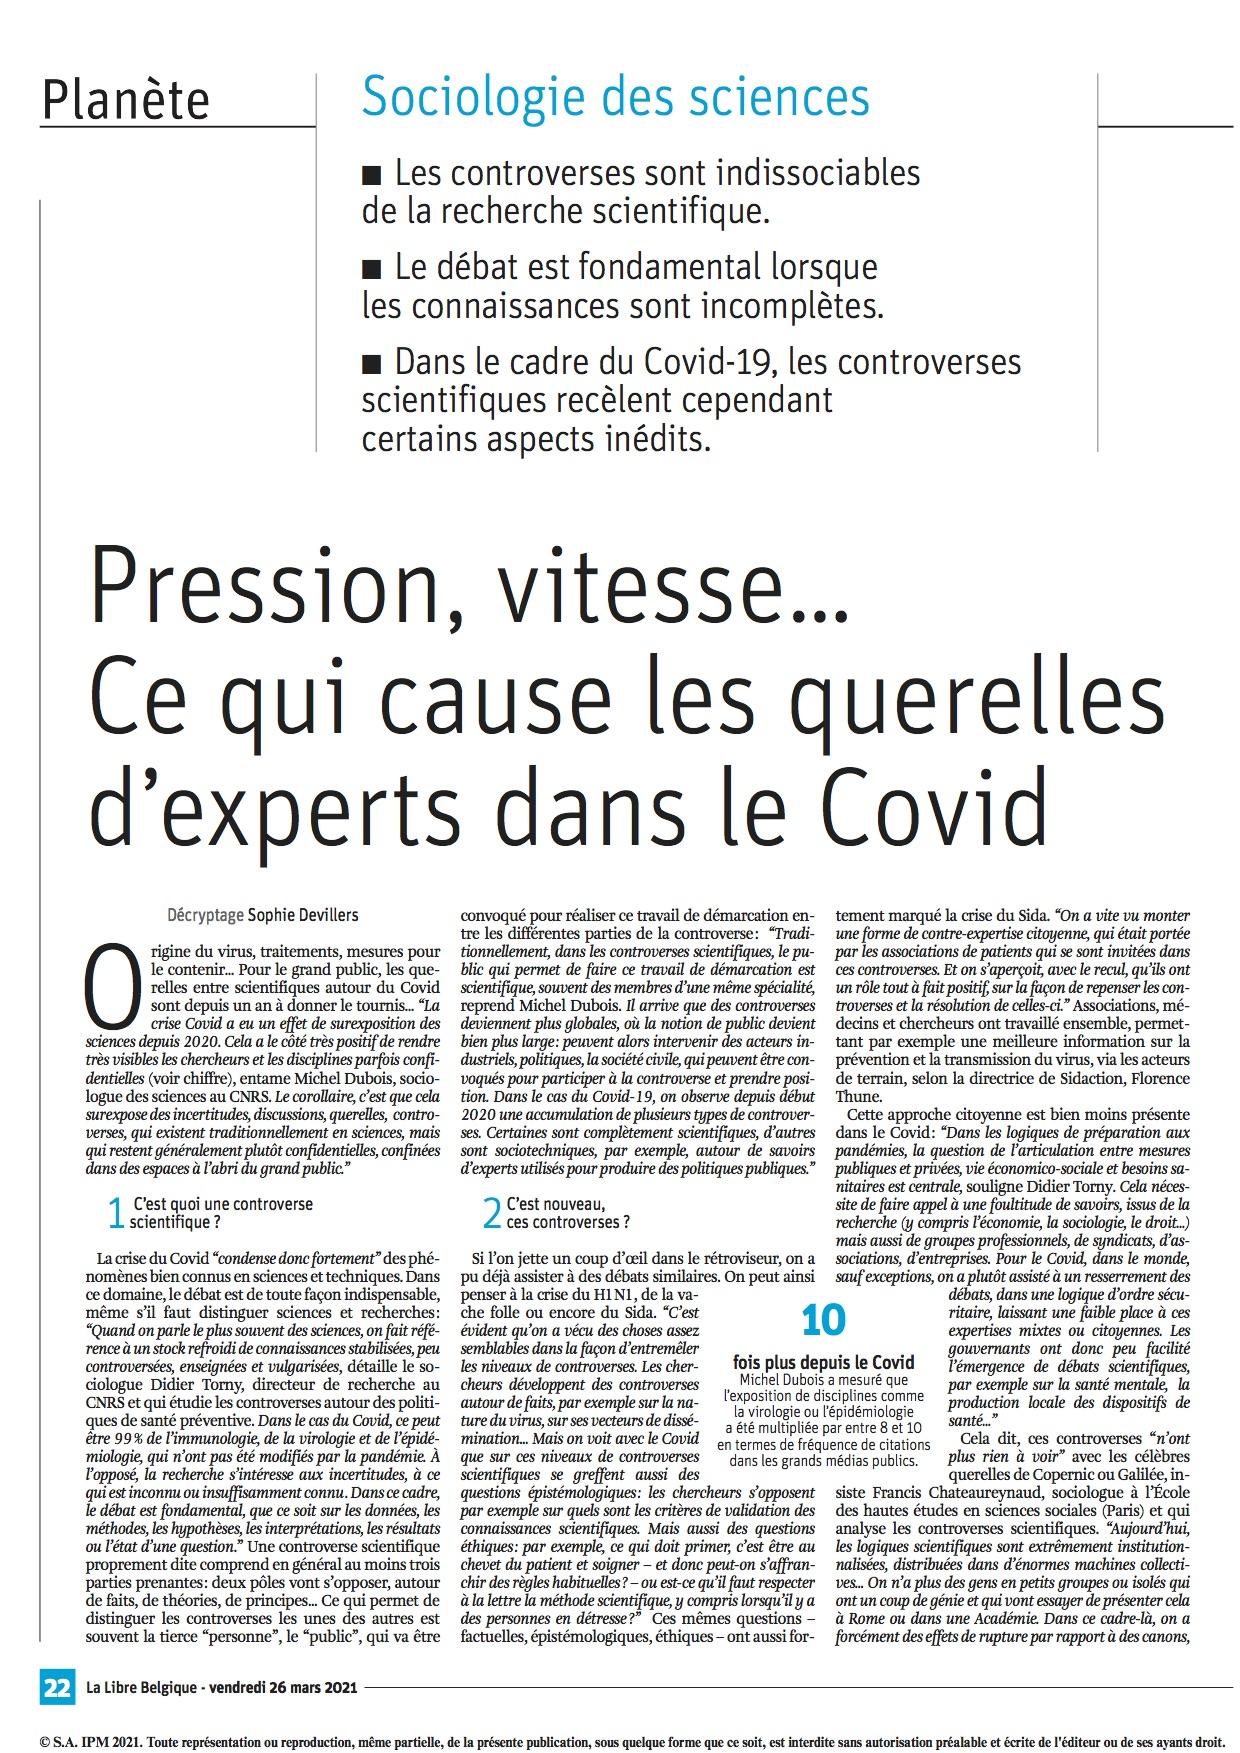 """26 mars 2021. Michel Dubois dans La Libre Belgique. """"Coronavirus: ce qui cause les querelles d'experts"""""""